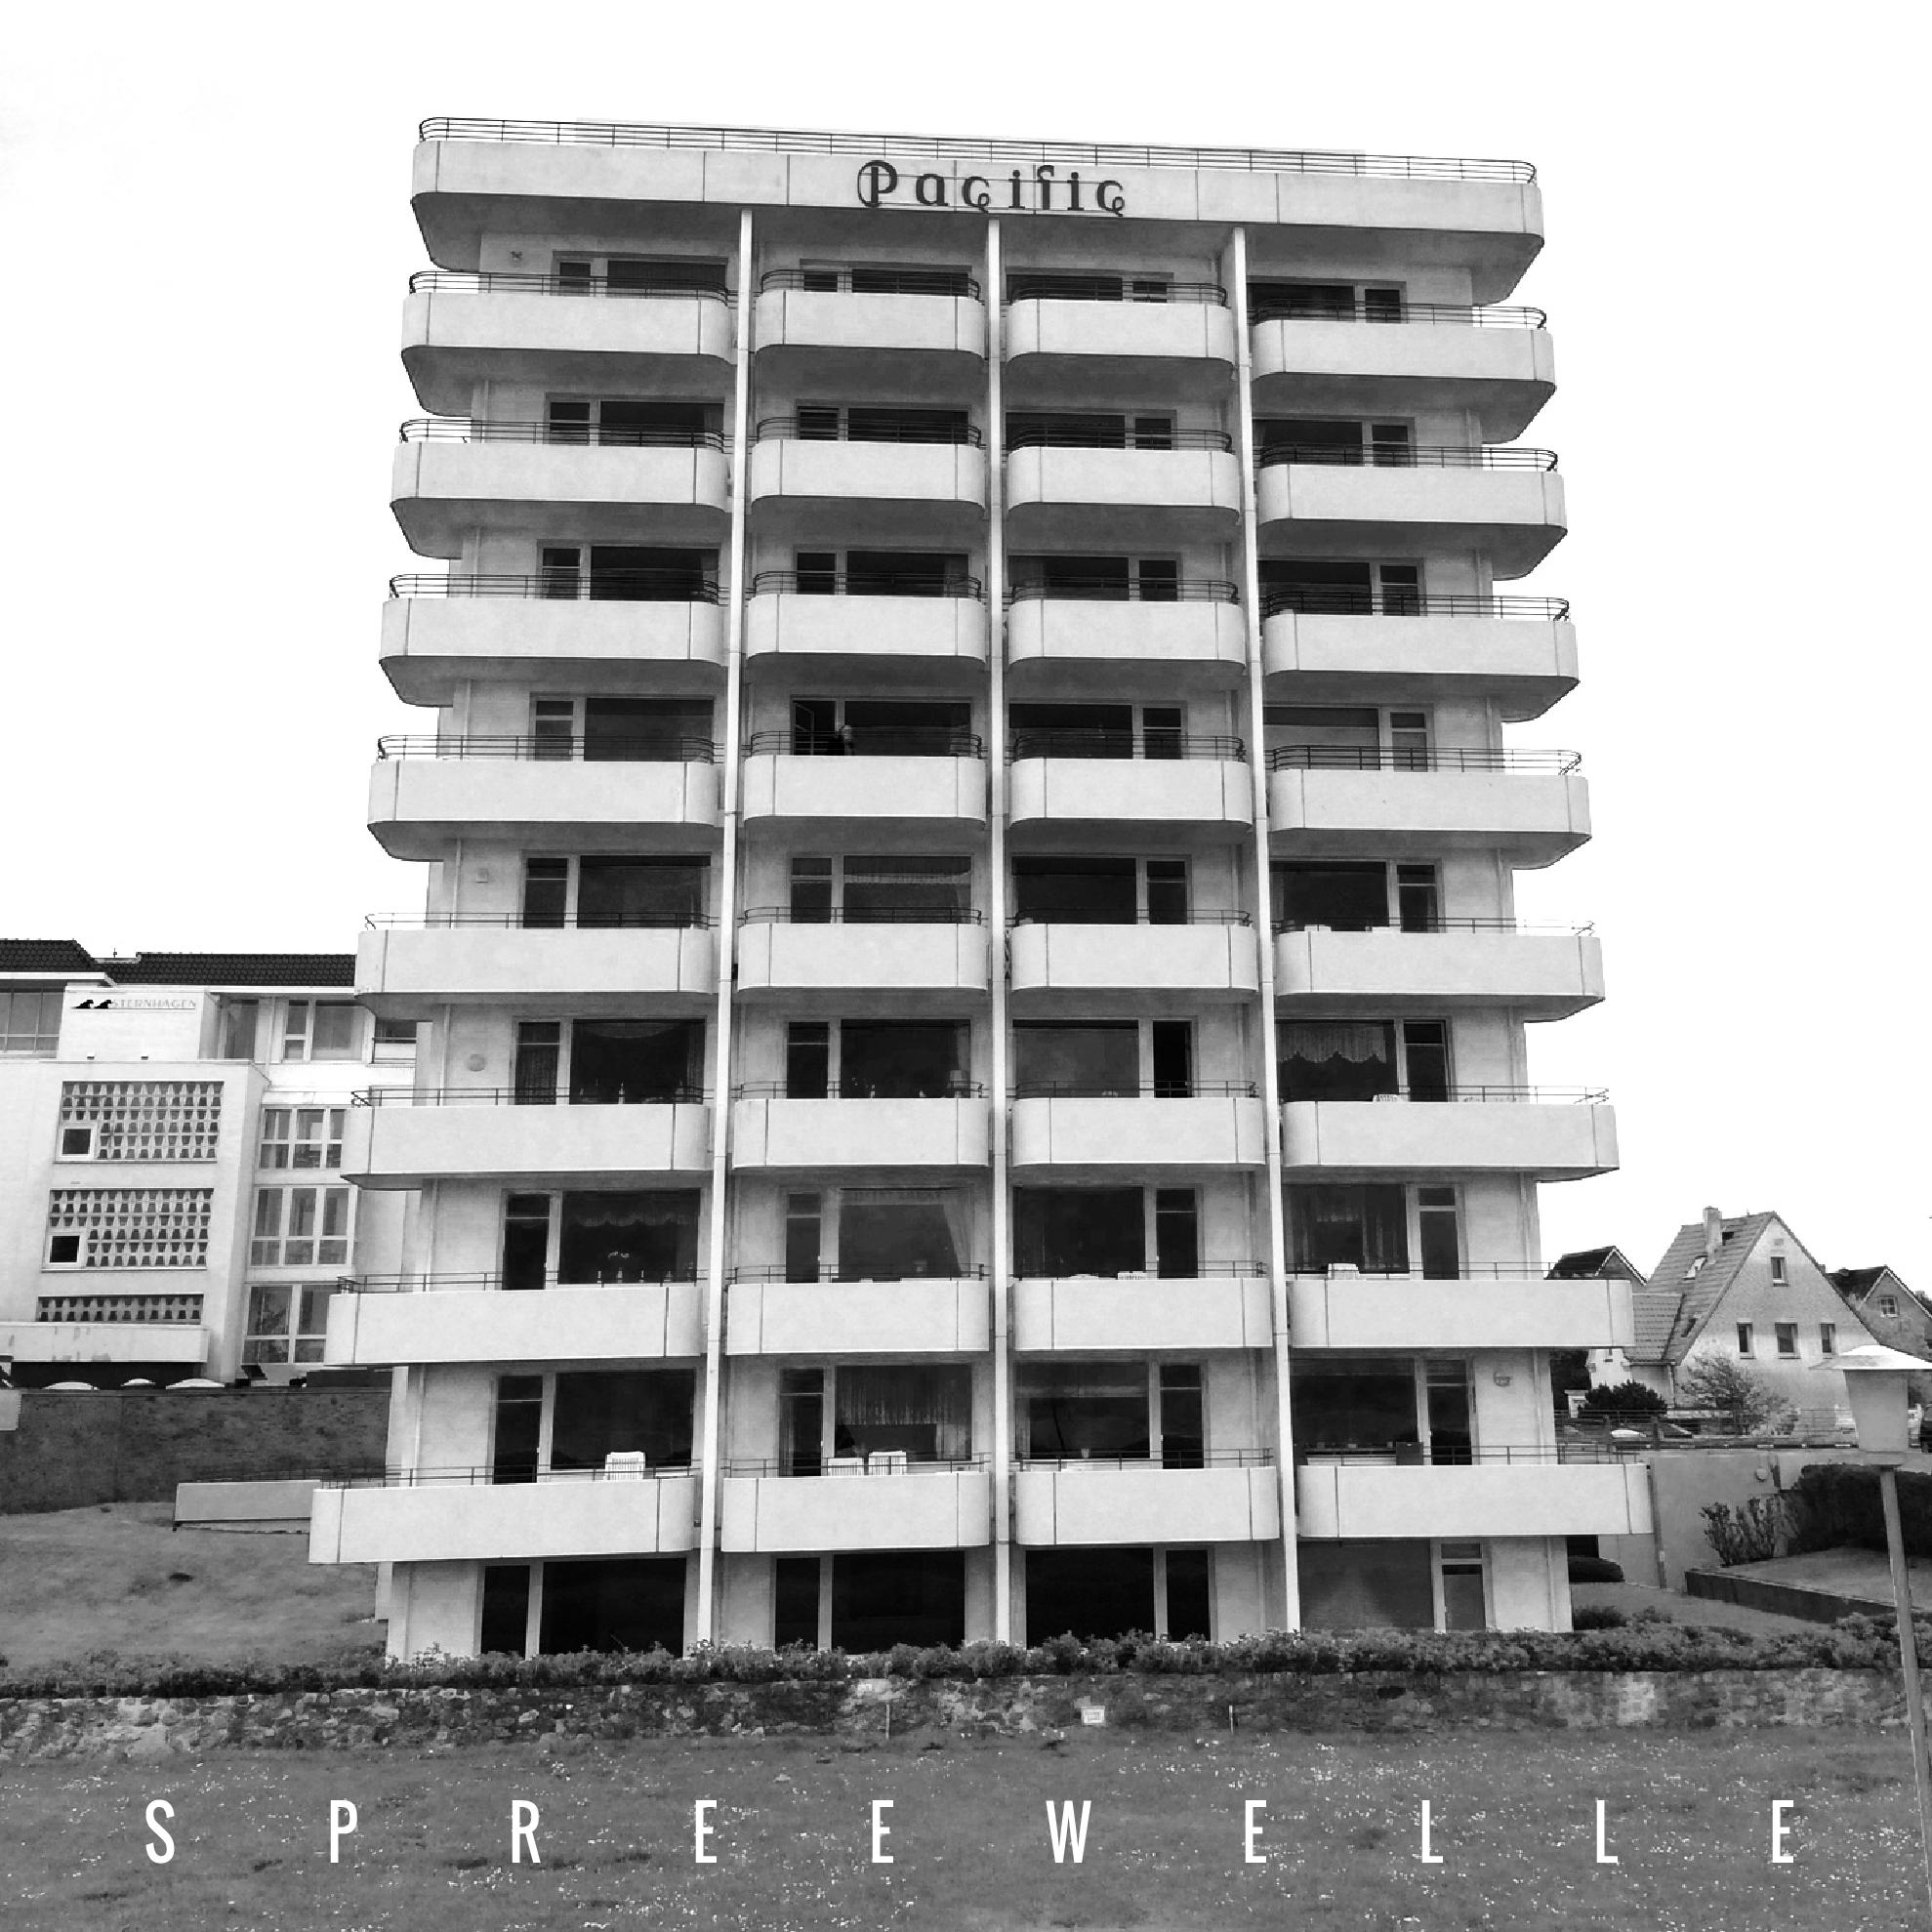 Spreewelle-107-01